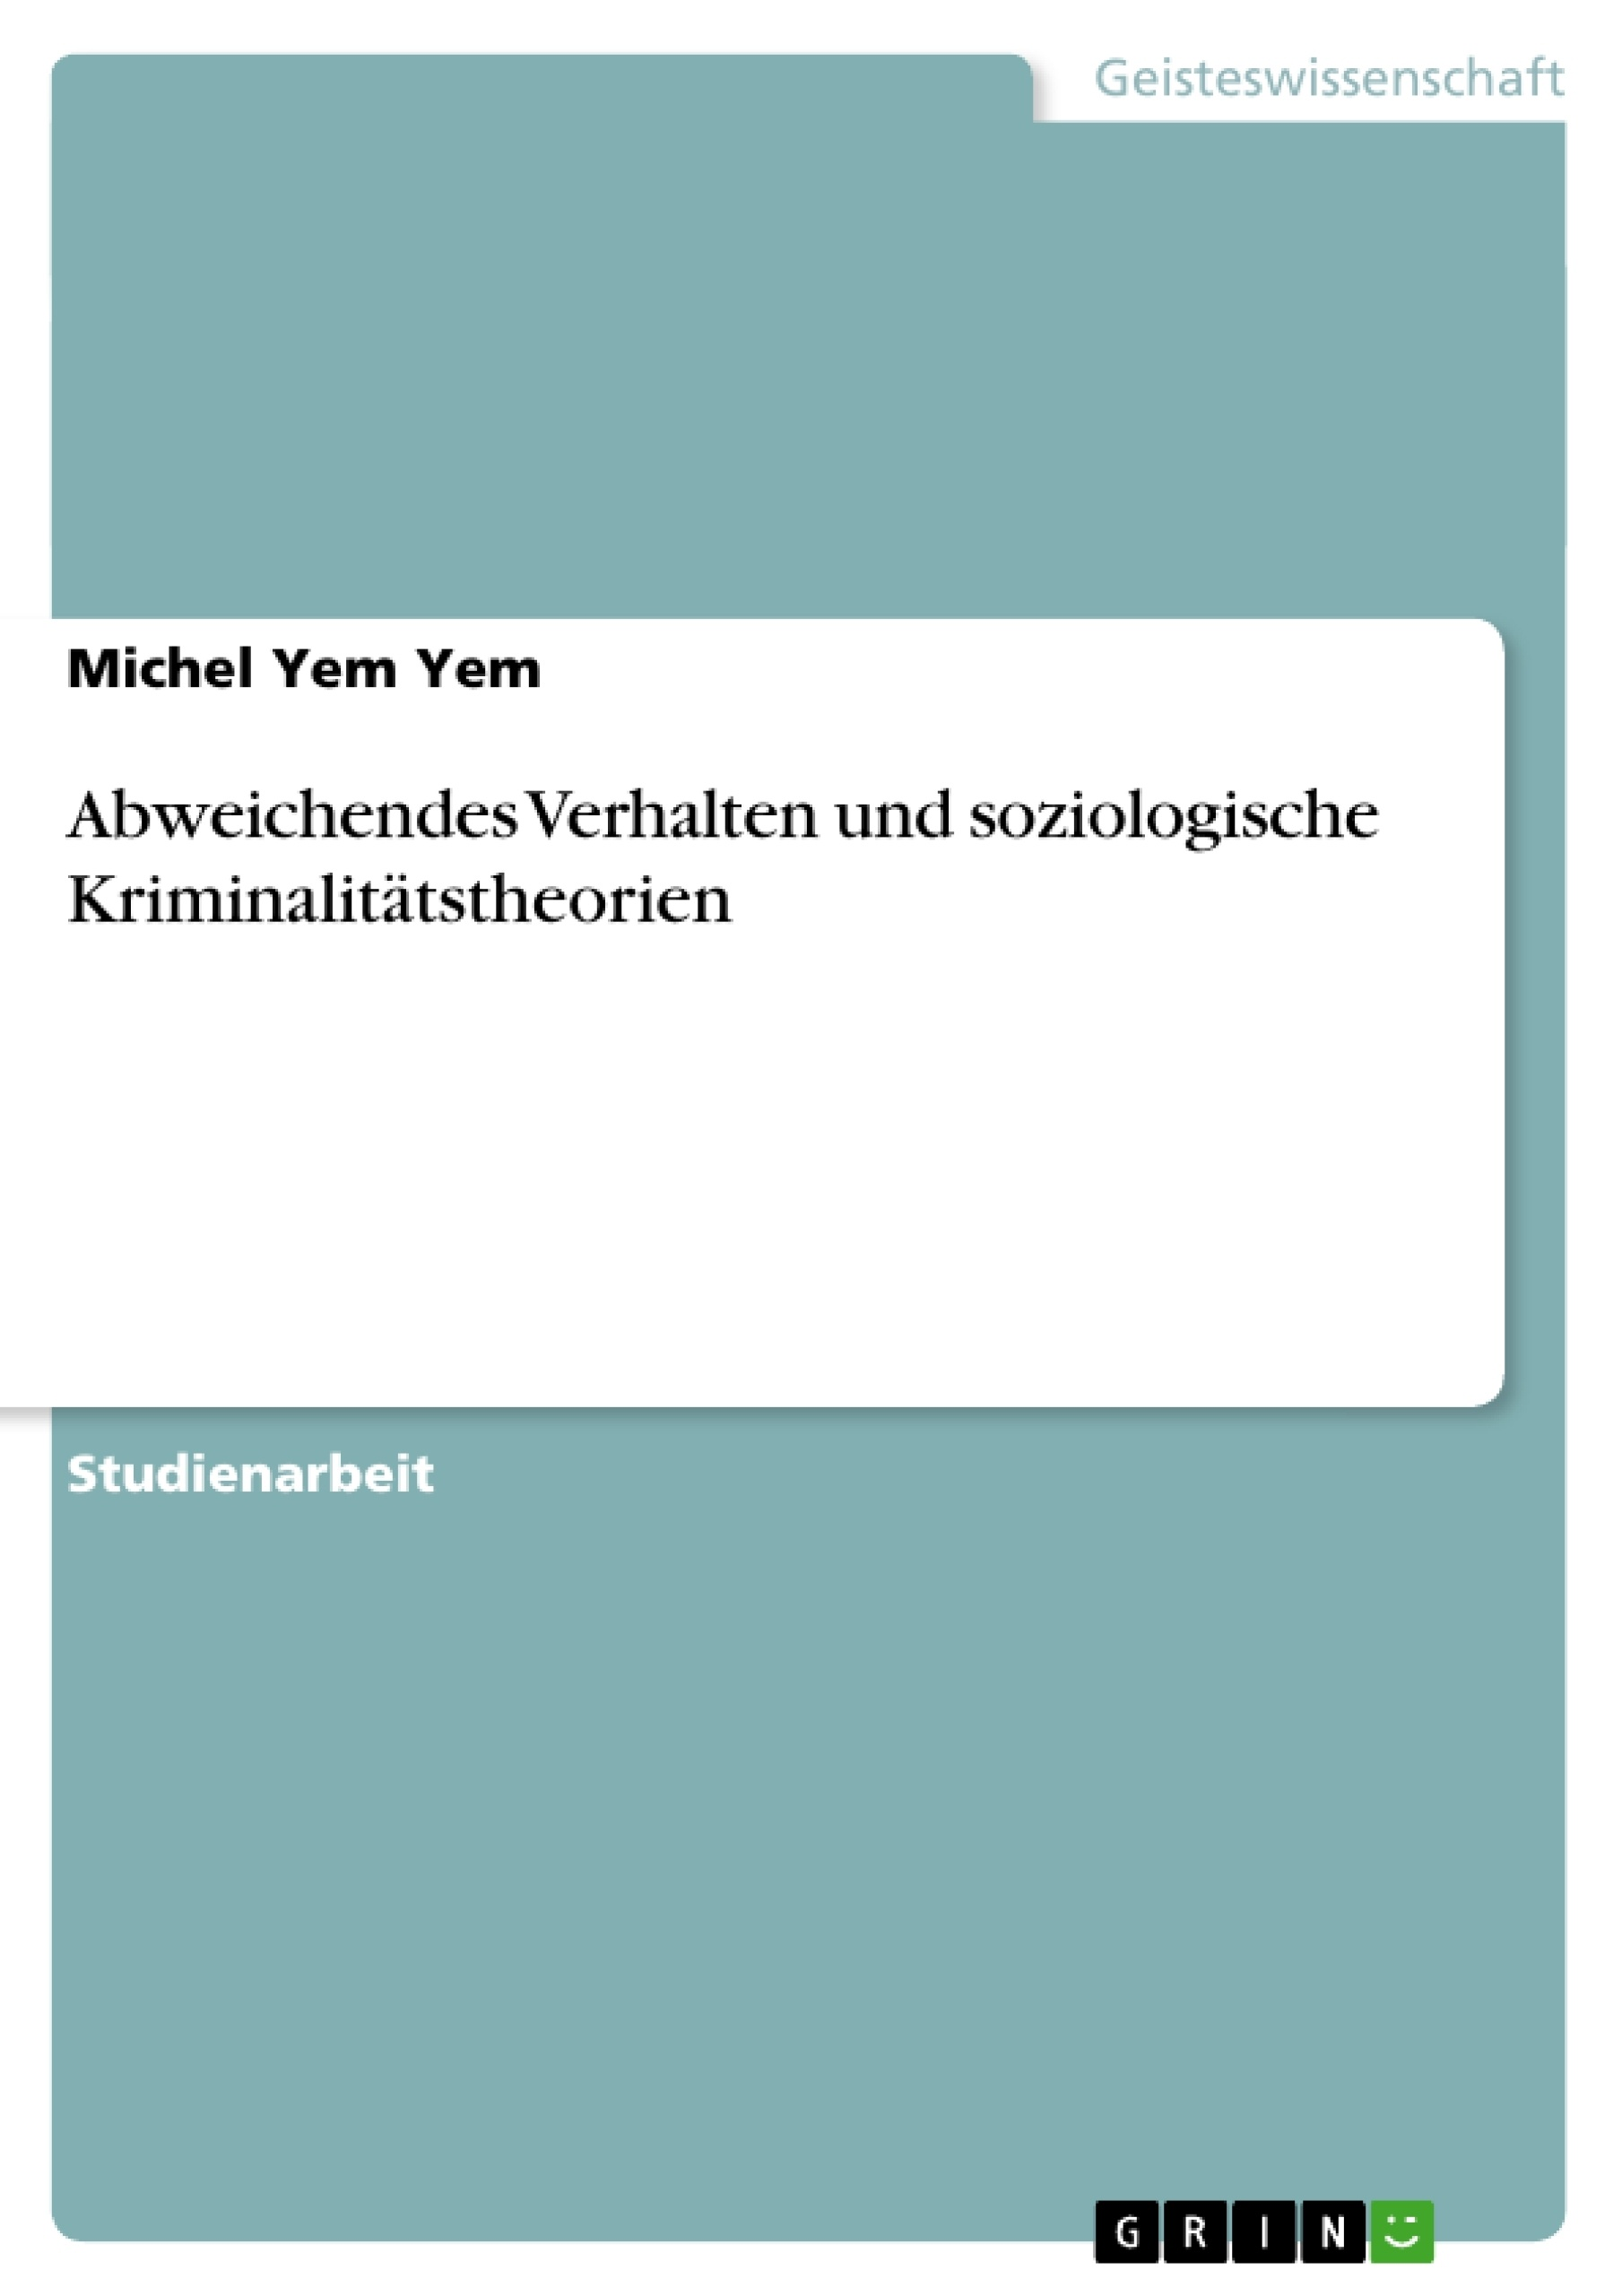 Titel: Abweichendes Verhalten und soziologische Kriminalitätstheorien